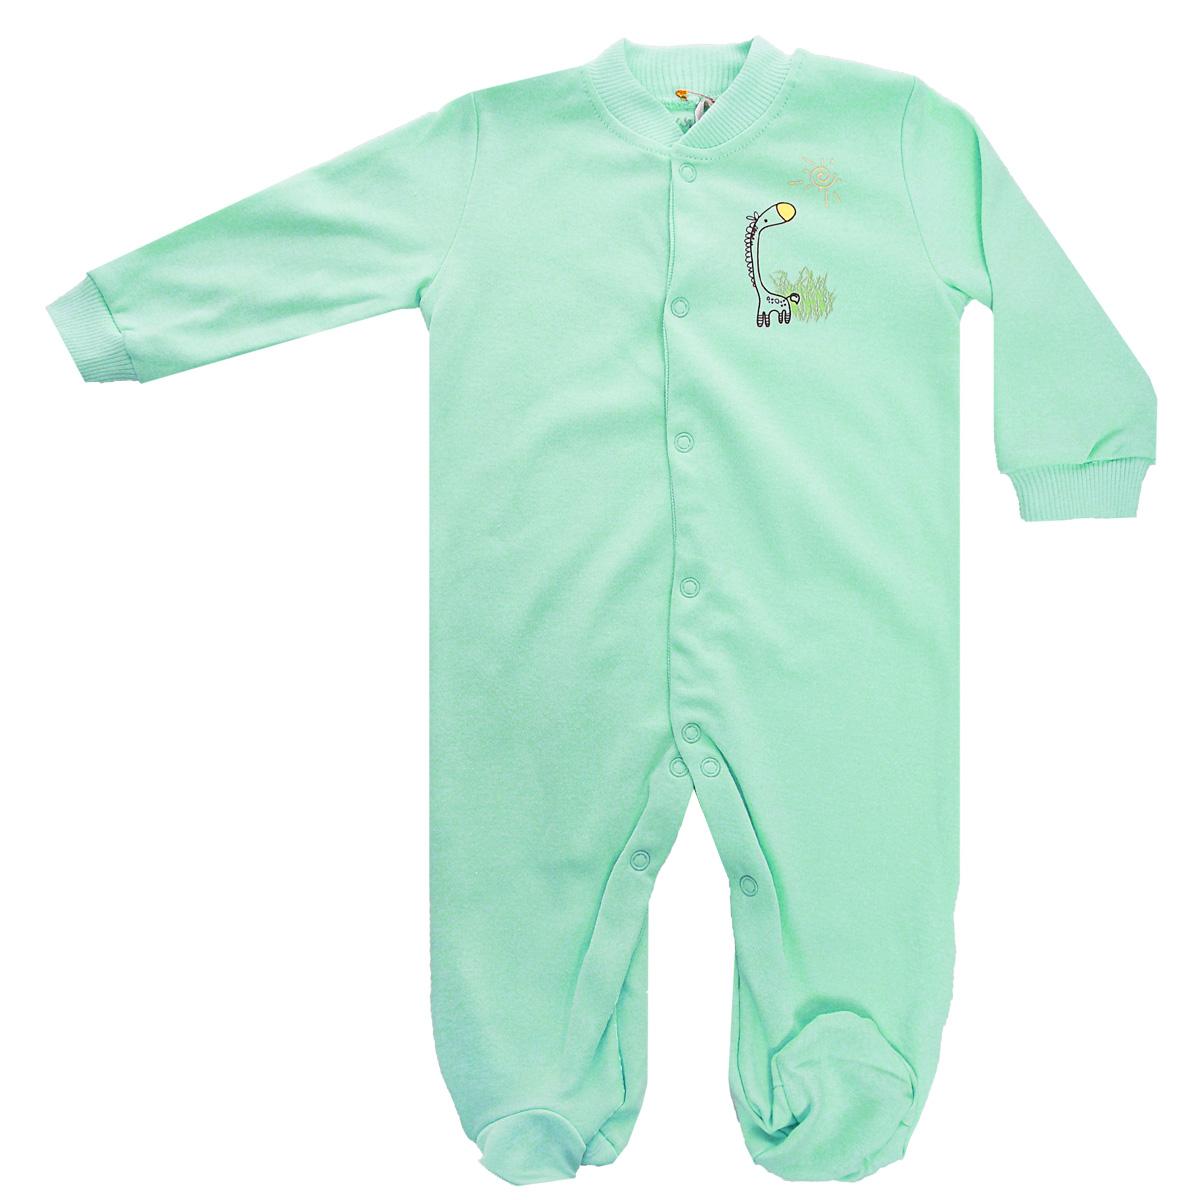 Комбинезон детский Клякса, цвет: зеленый. 37-550. Размер 62, до 3 месяцев37-550Удобный детский комбинезон Клякса послужит идеальным дополнением к гардеробу ребенка. Комбинезон изготовлен из интерлок-пенье - натурального хлопка, благодаря чему он необычайно мягкий и легкий, не раздражает нежную кожу младенца и хорошо вентилируется, а эластичные швы приятны телу малыша и не препятствуют его движениям. Комбинезон с длинными рукавами, небольшим воротничком-стойкой и закрытыми ножками имеет ассиметричные застежки-кнопки от горловины до щиколотки, которые помогают легко переодеть ребенка или сменить подгузник. Низ рукавов дополнен широкими эластичными манжетами, не пережимающими запястья малыша. На груди изделие оформлено оригинальным принтом с изображением забавного животного.Комбинезон полностью соответствует особенностям жизни ребенка в ранний период, не стесняя и не ограничивая его в движениях!